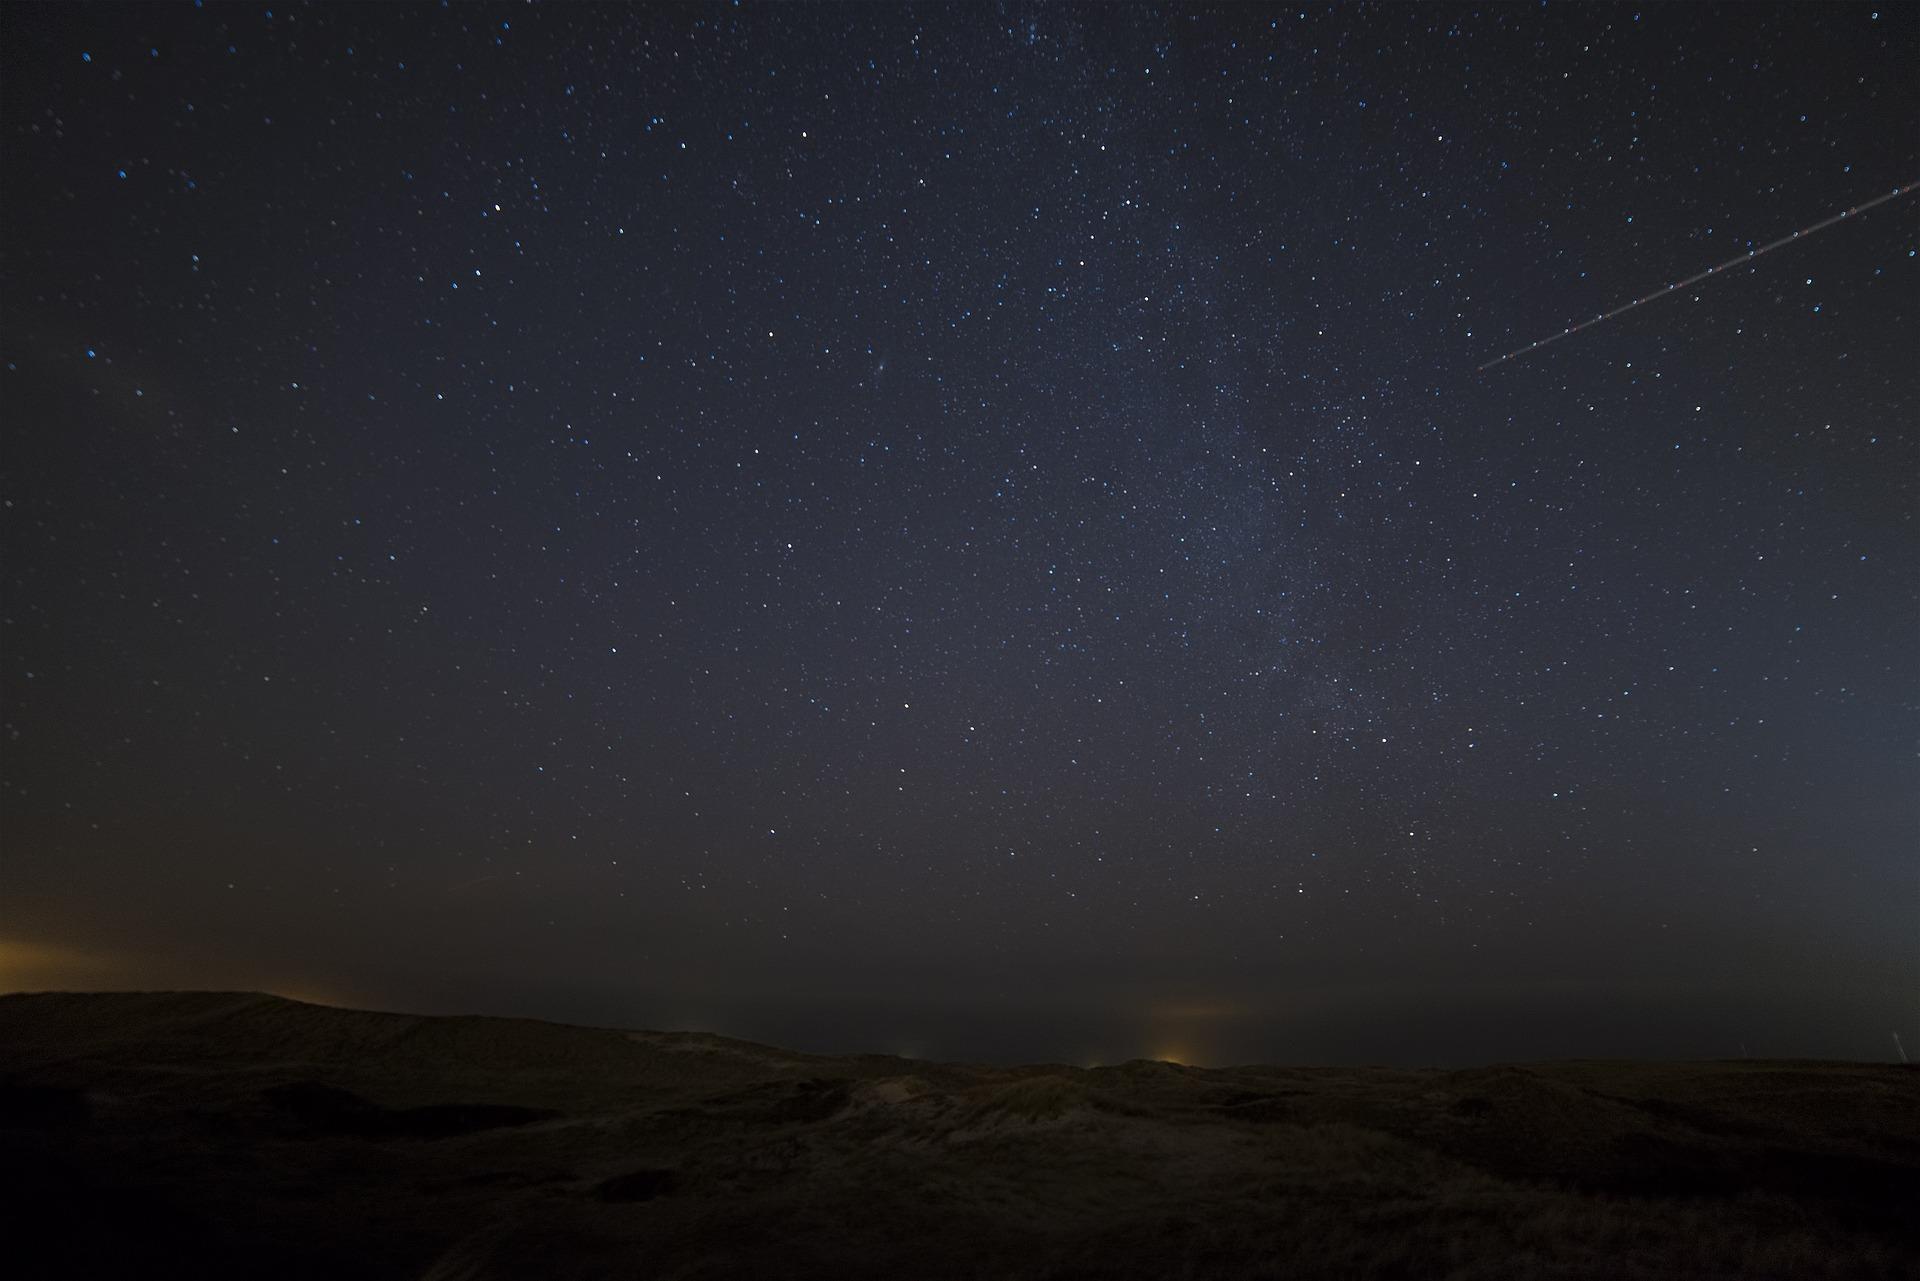 Cómo se mide la distancia a las estrellas IV: Constante cosmológica